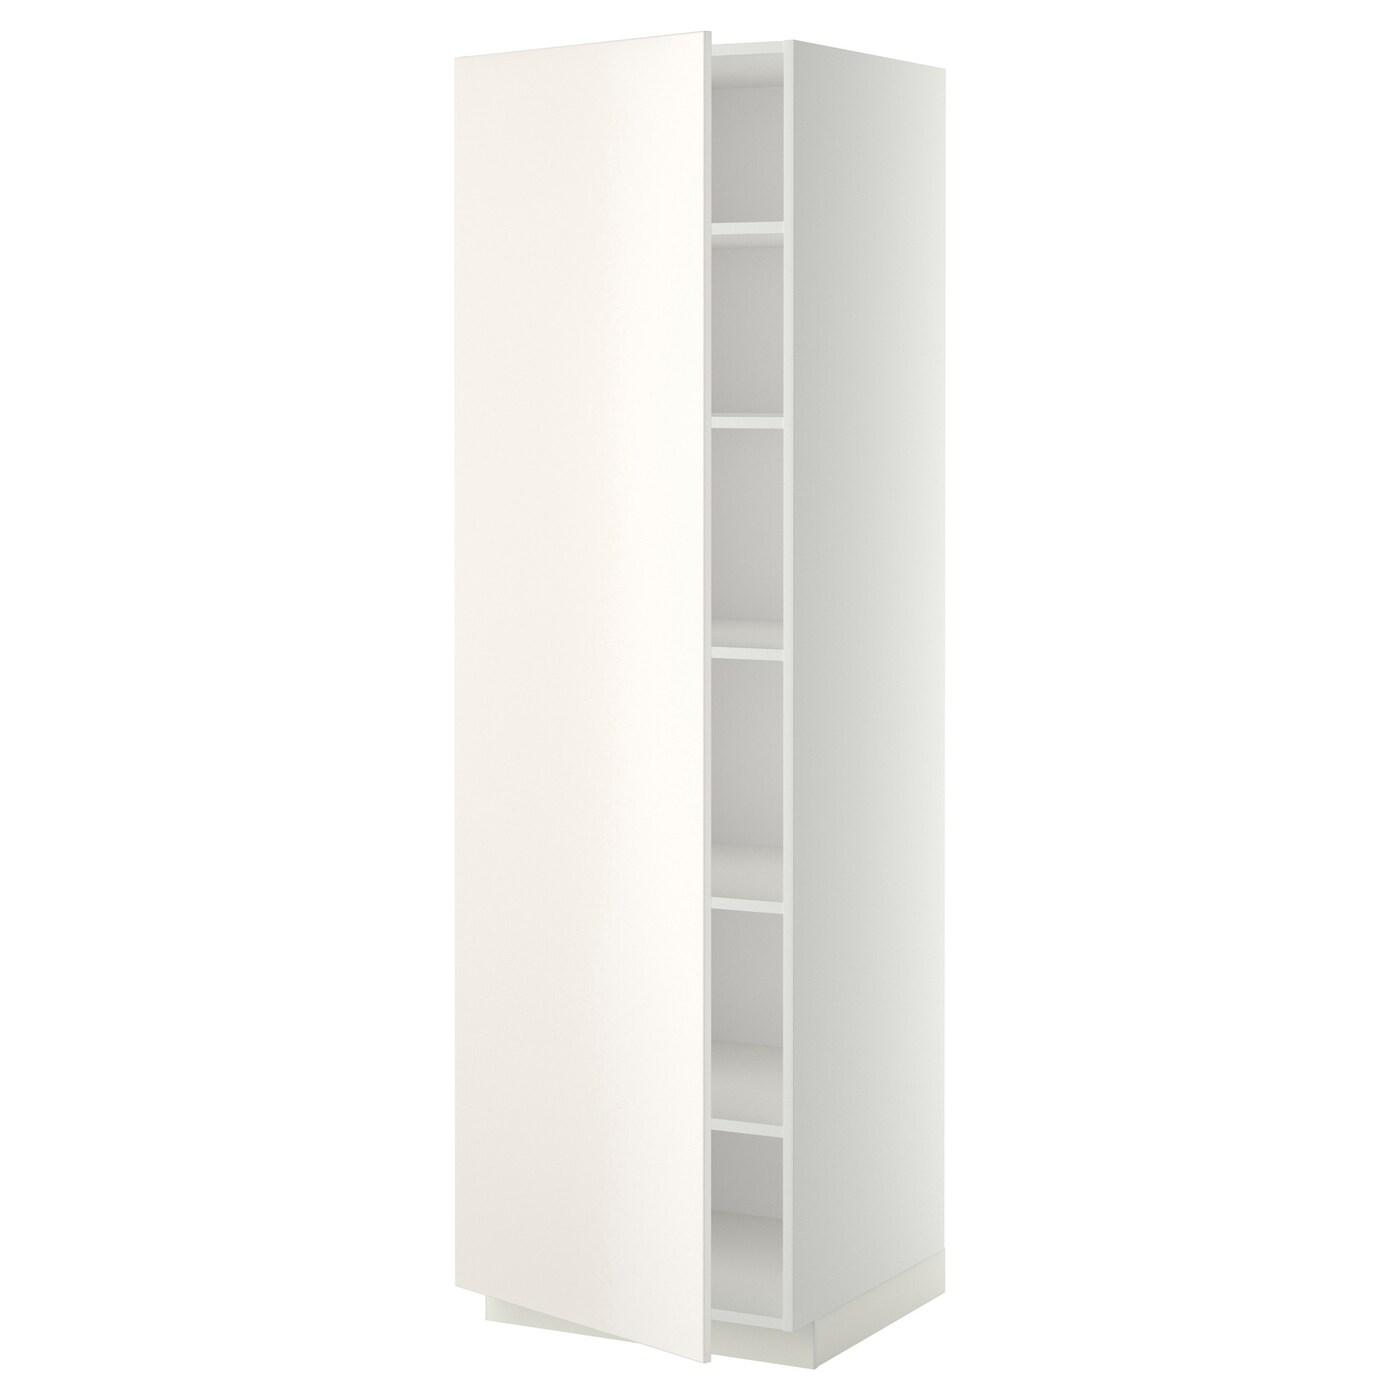 UTRUSTA Einlegeboden für Wandeckschrank - weiß - IKEA